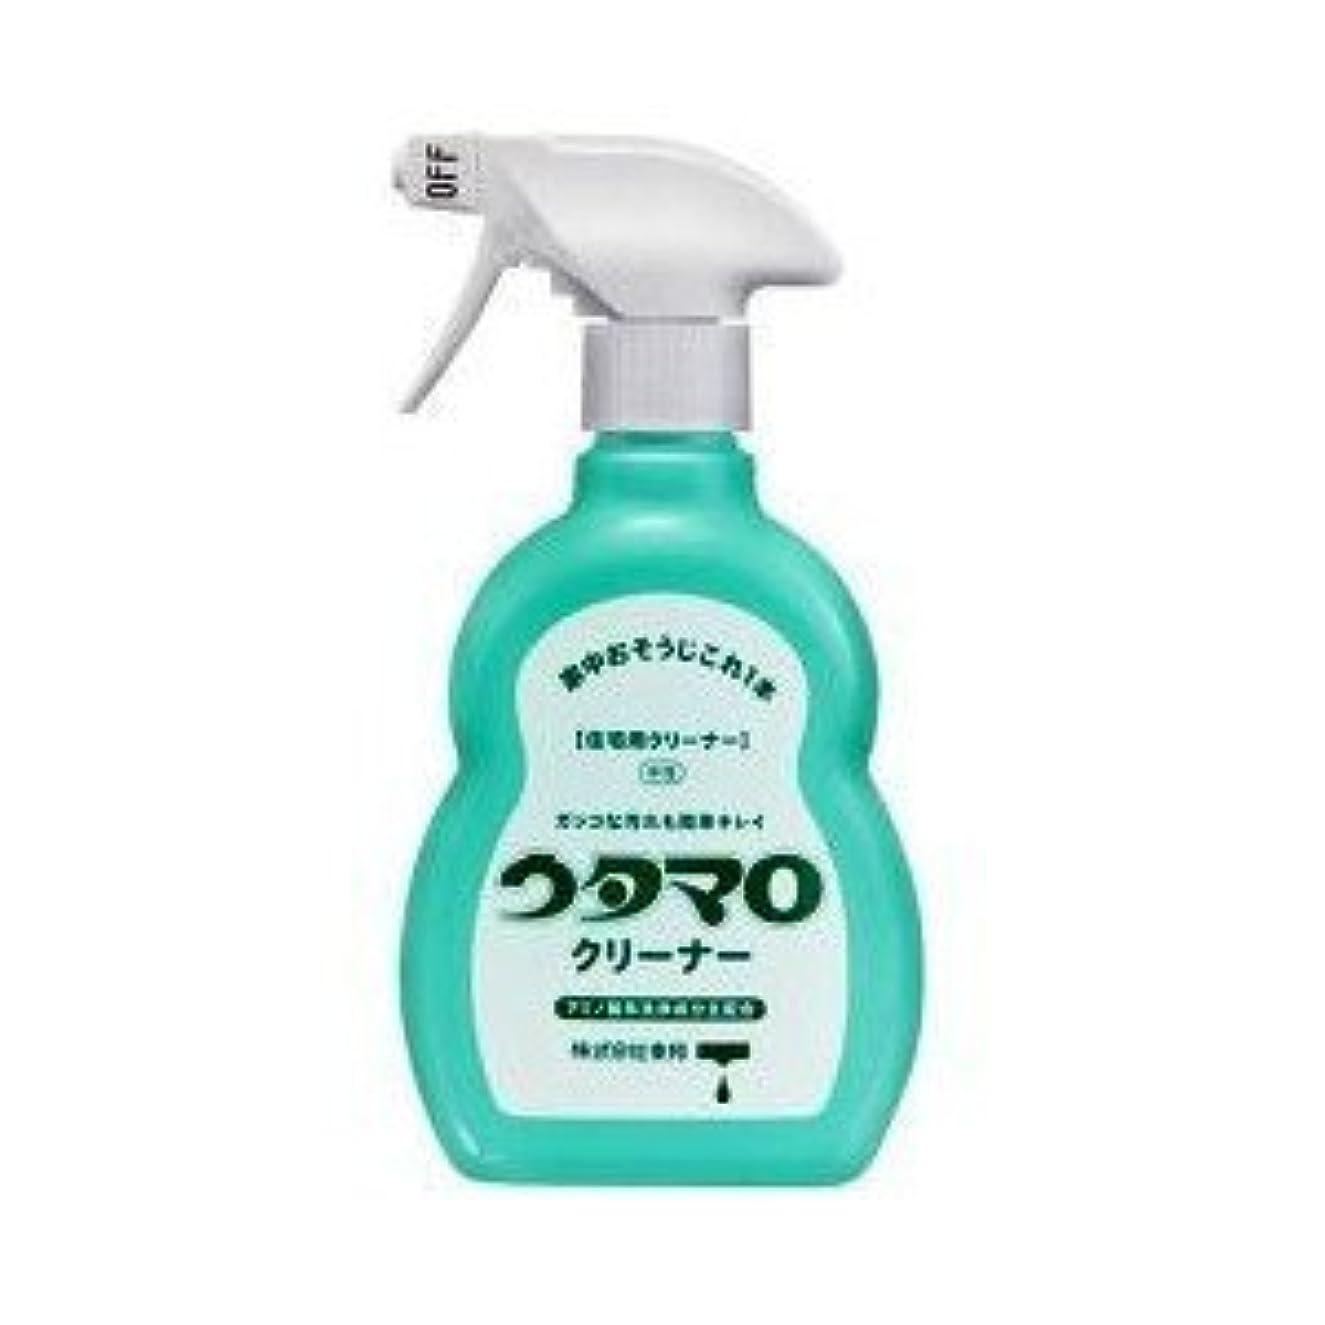 溶ける日没生理ウタマロ クリーナー 400ml 洗剤 住居用 アミノ酸系洗浄成分主配合 さわやかなグリーンハーブの香り